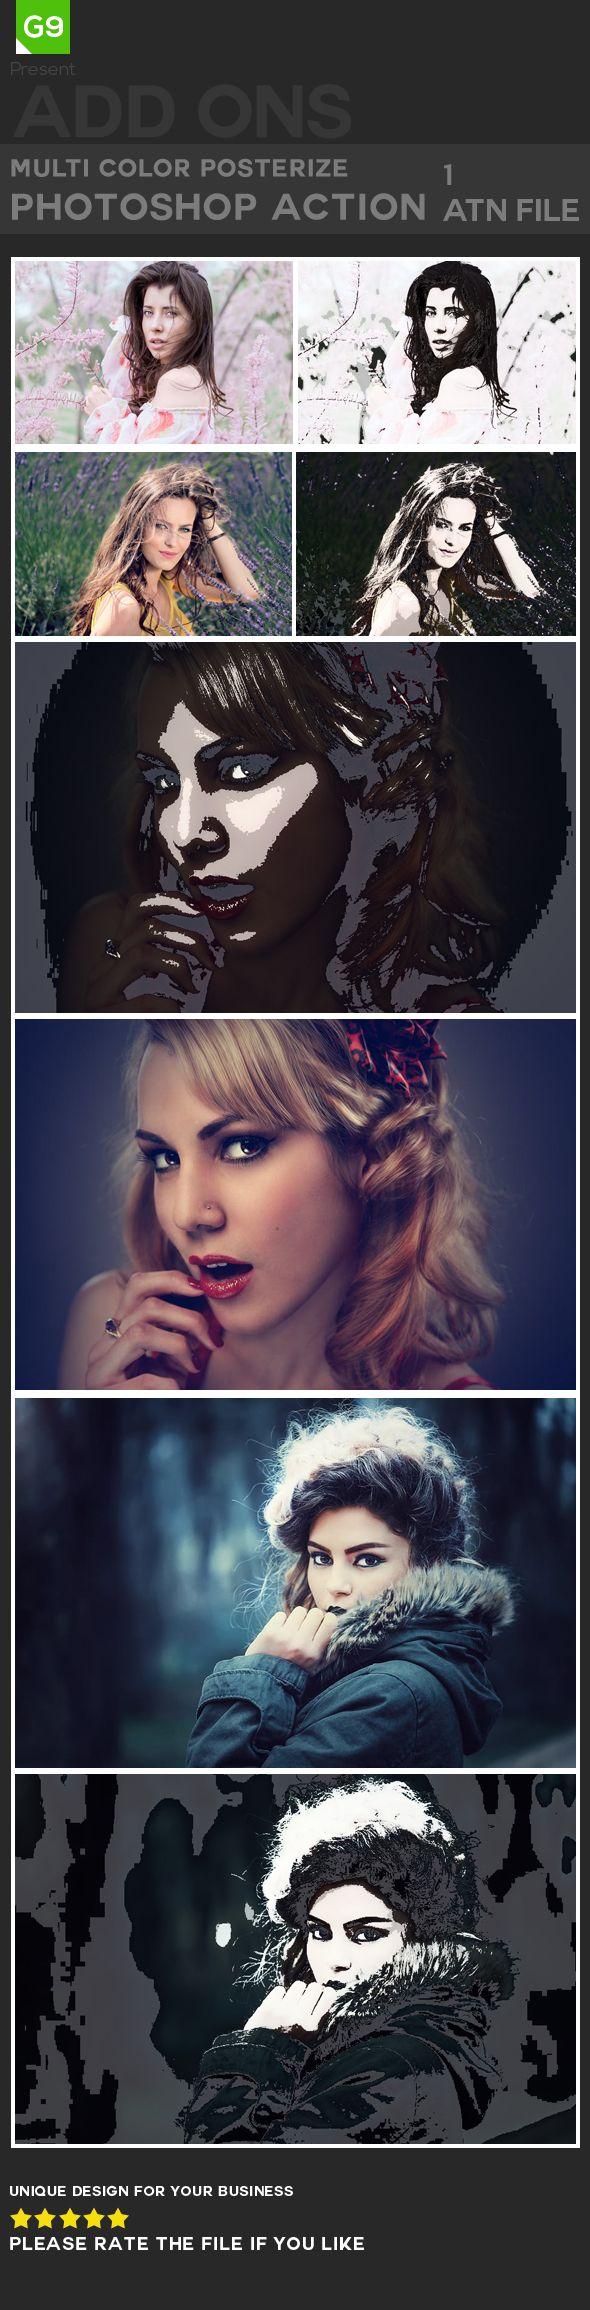 Multi-Color Posterize #Photoshop #Action | Photoshop | Photoshop